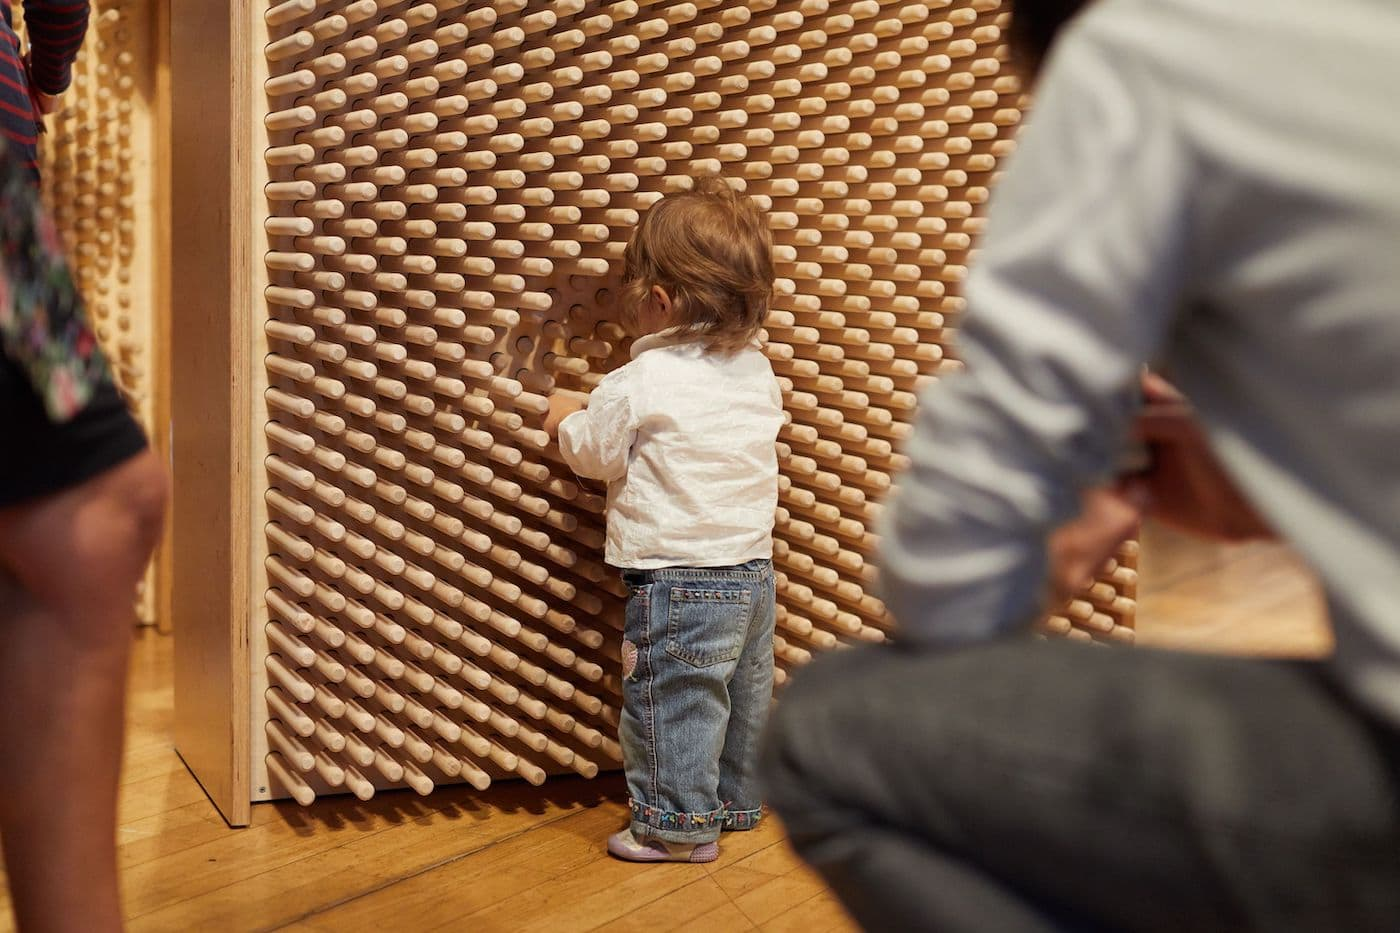 Ausstellung WILD WILD WOOD für Kinder und Familien in Berlin im Felleshus // HIMBEER